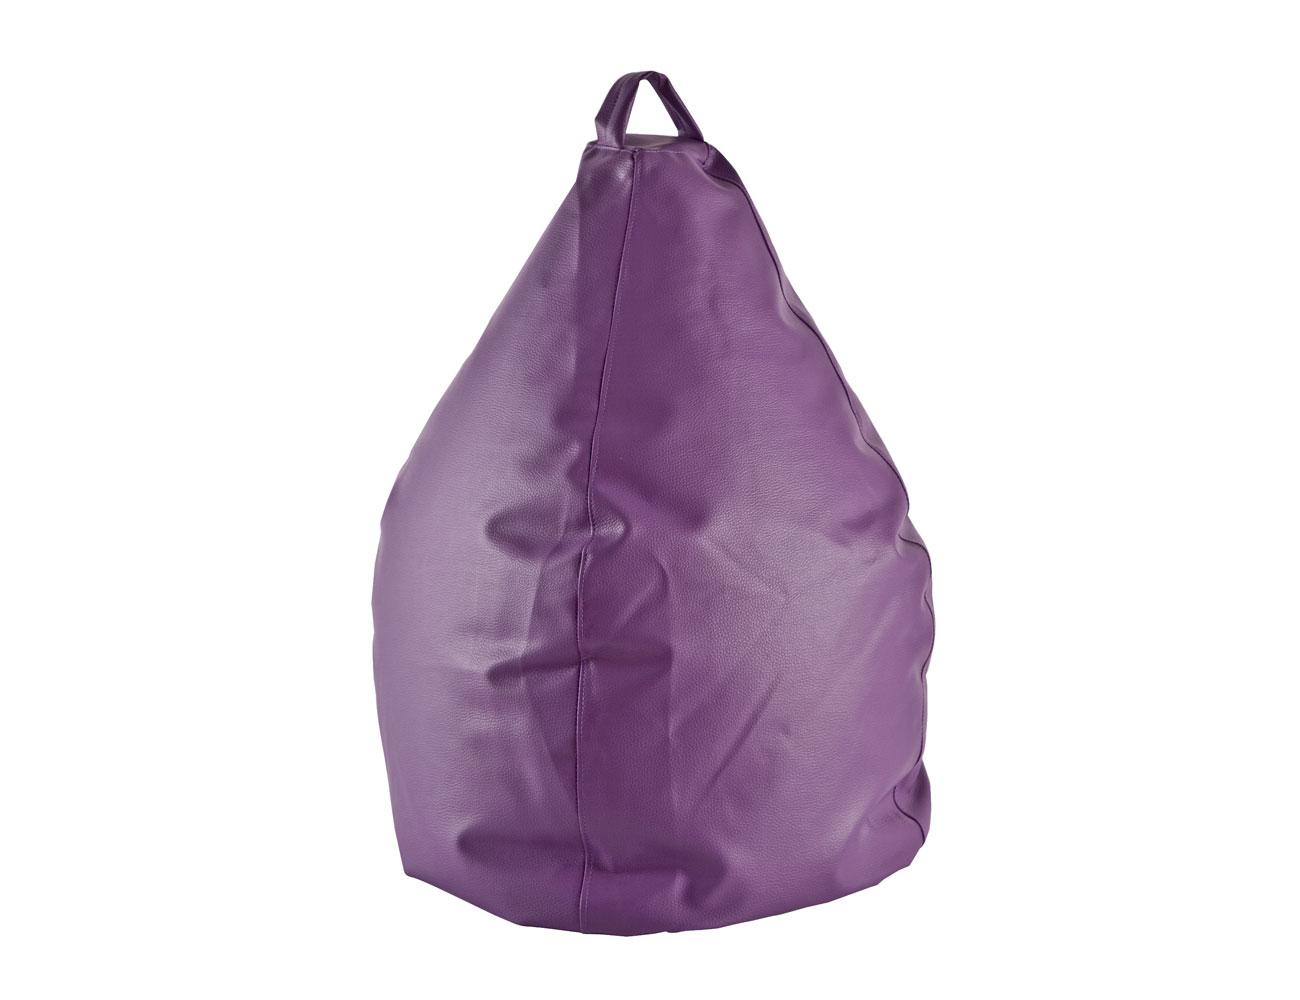 2 sac amoldable morado3